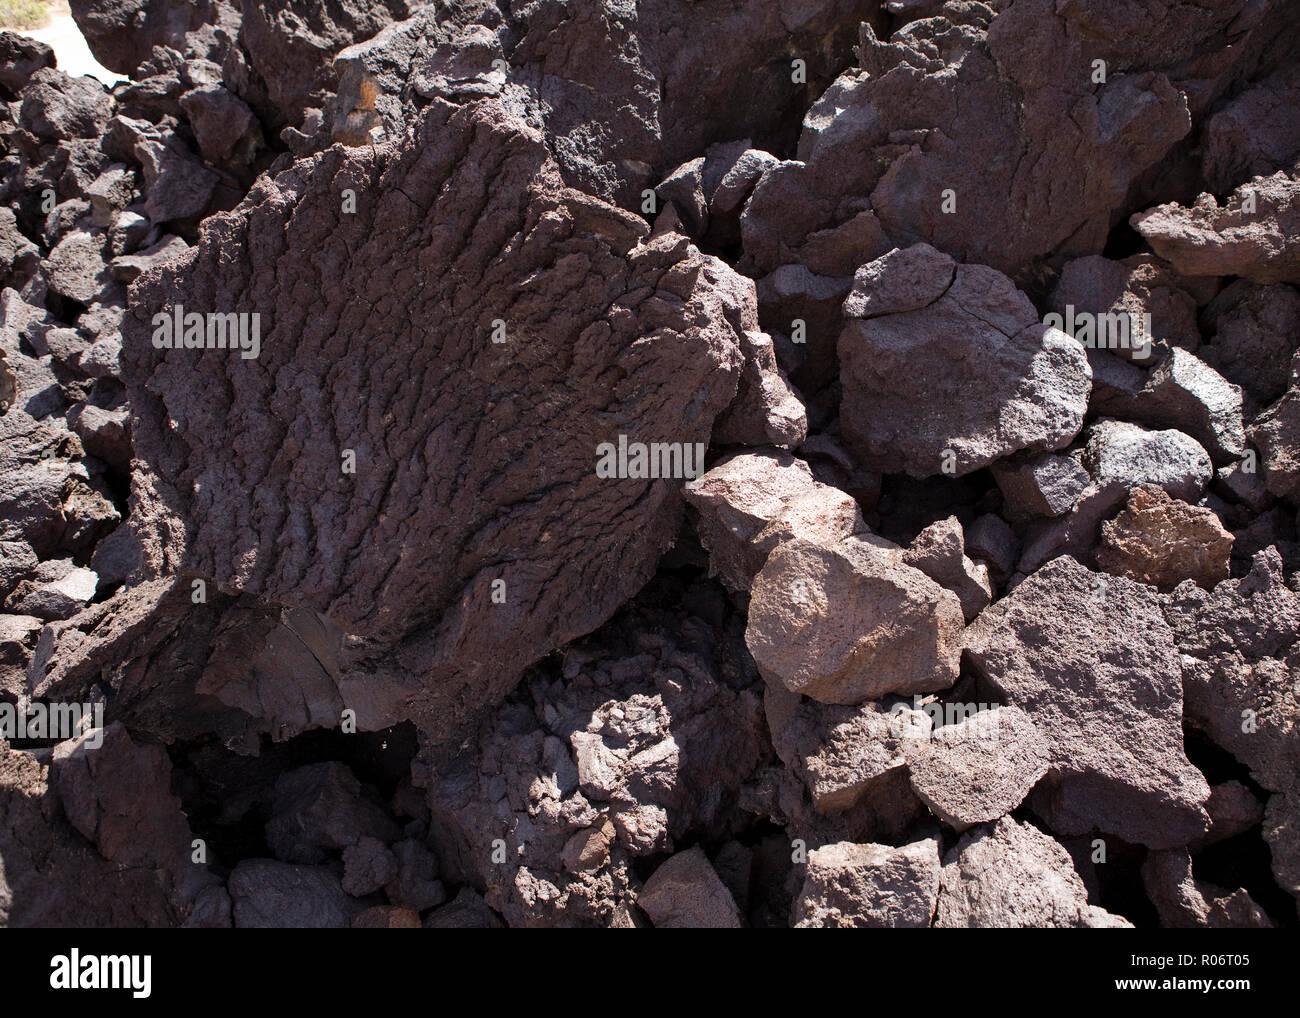 Que suis- je N° 2 et où - 7 février  Bravo Martine Roche-volcanique-ignees-pierre-de-lave-california-usa-r06t05